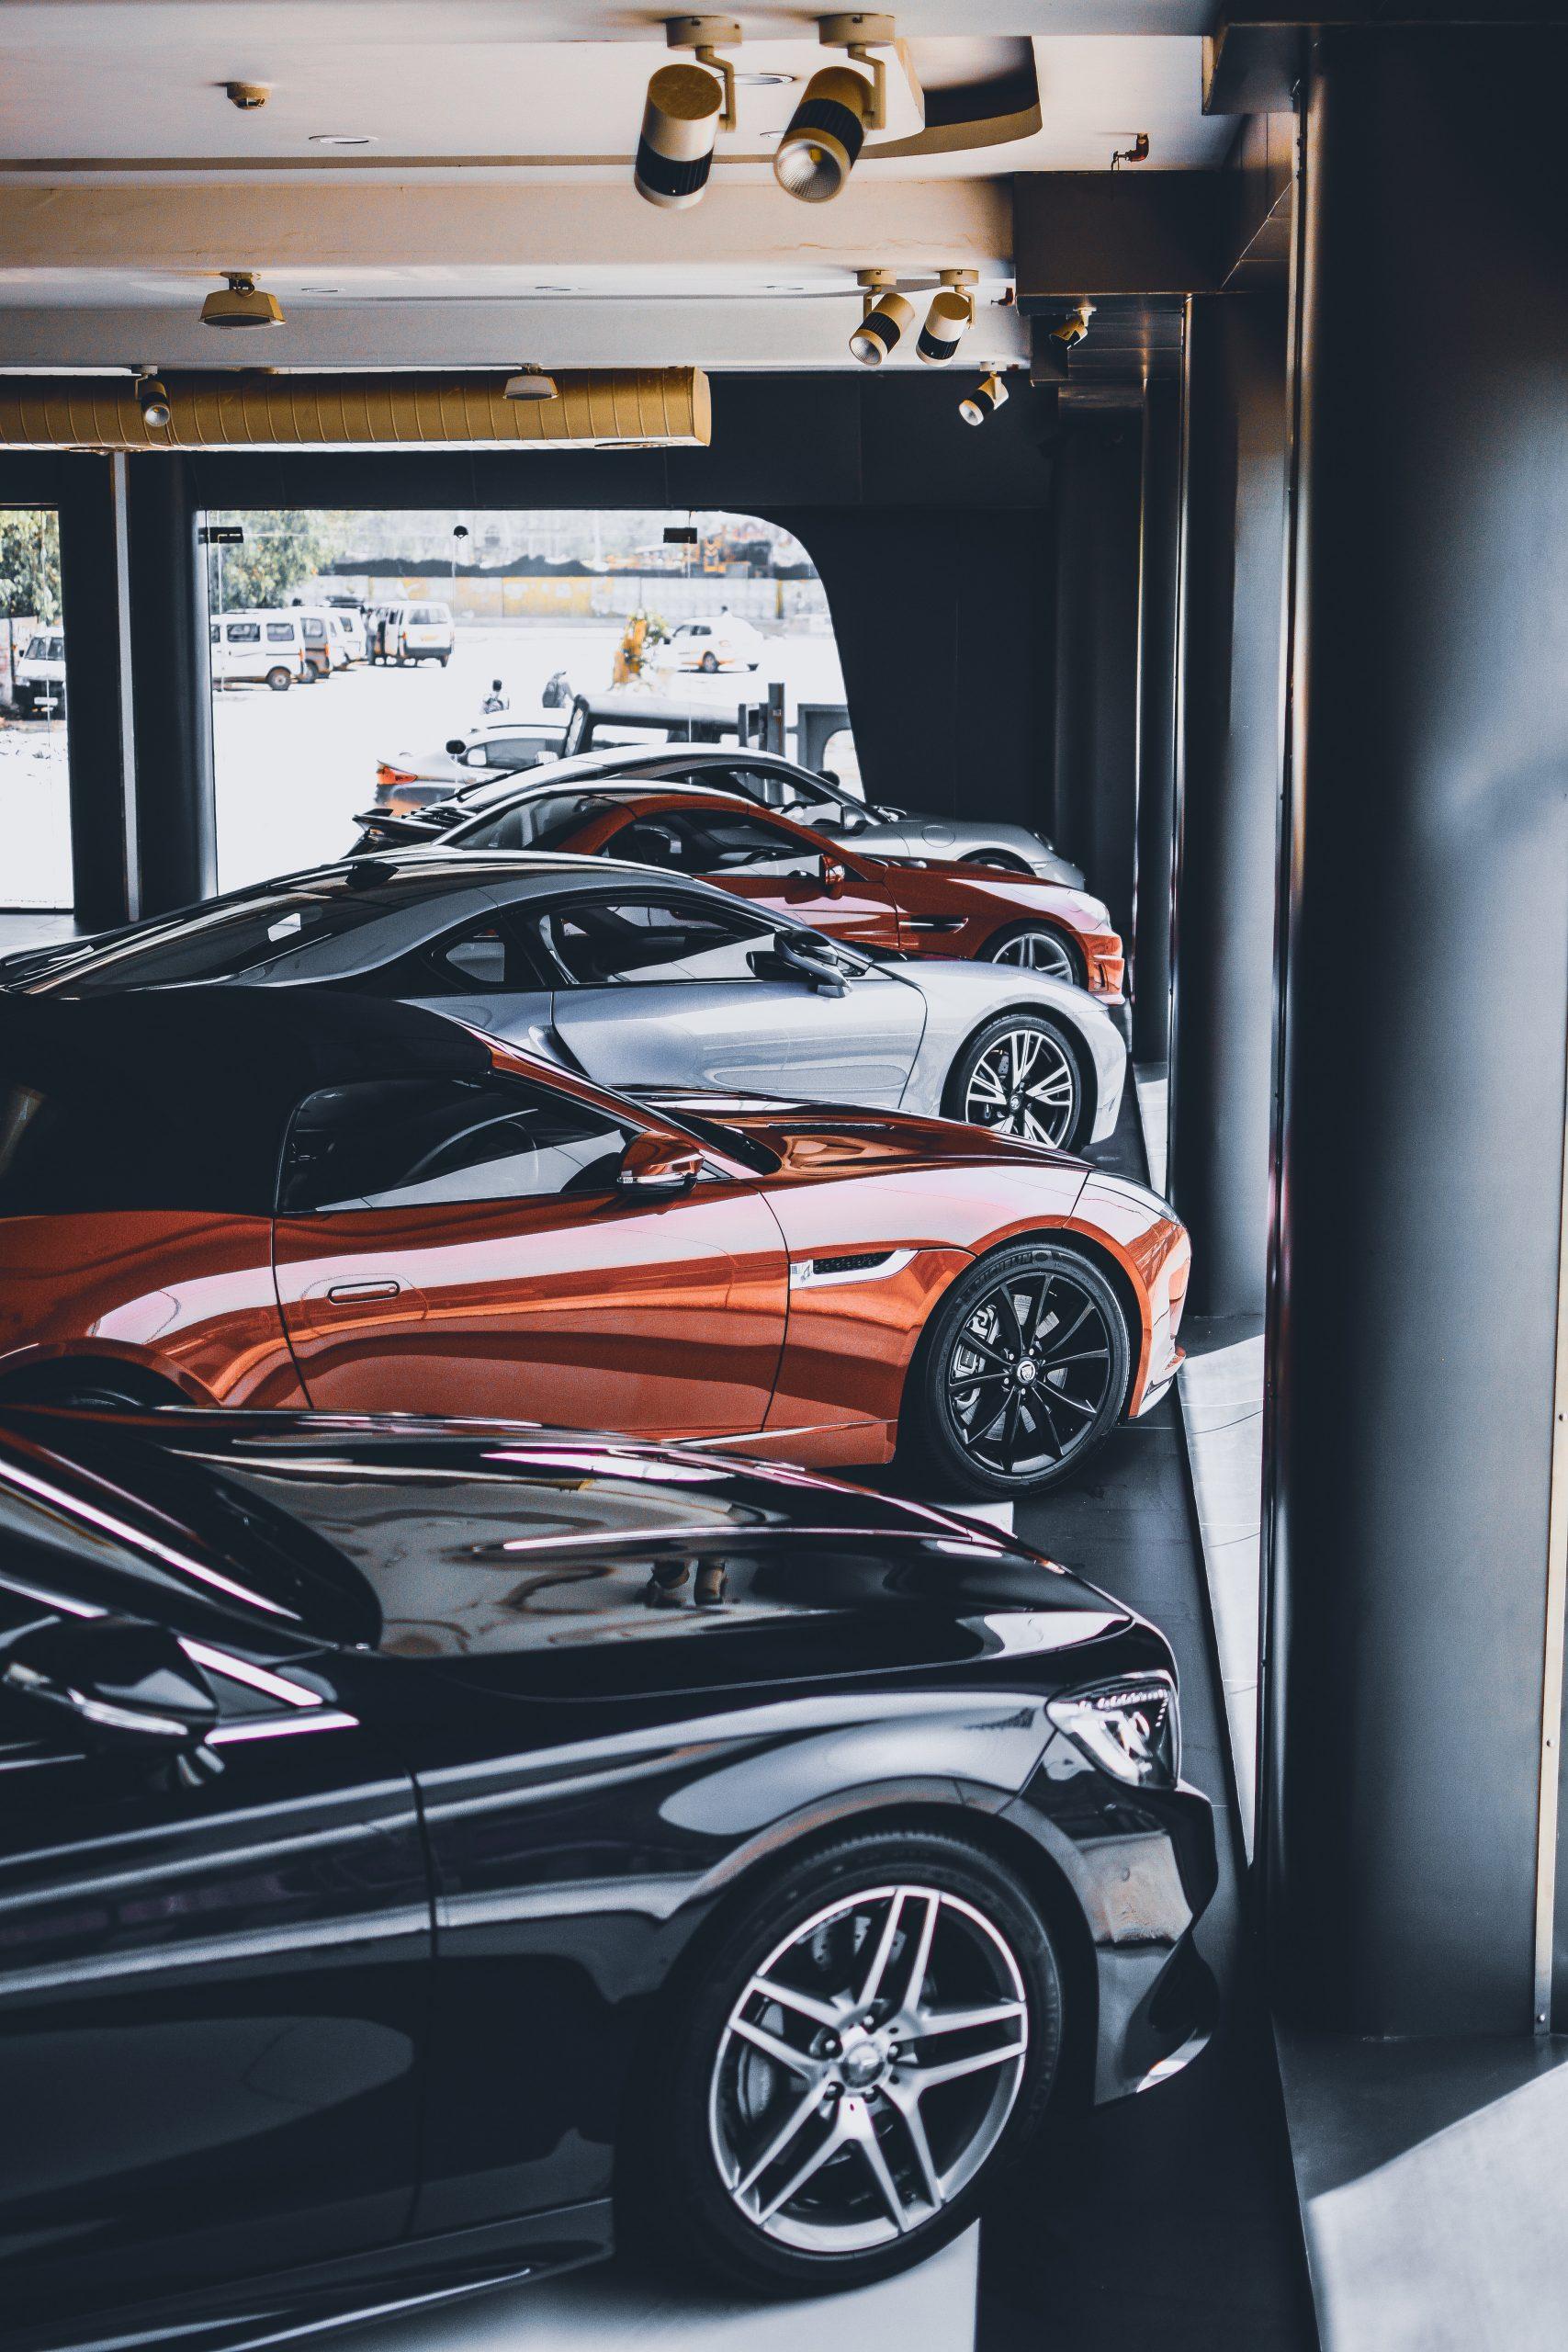 Car Dealership Janitorial